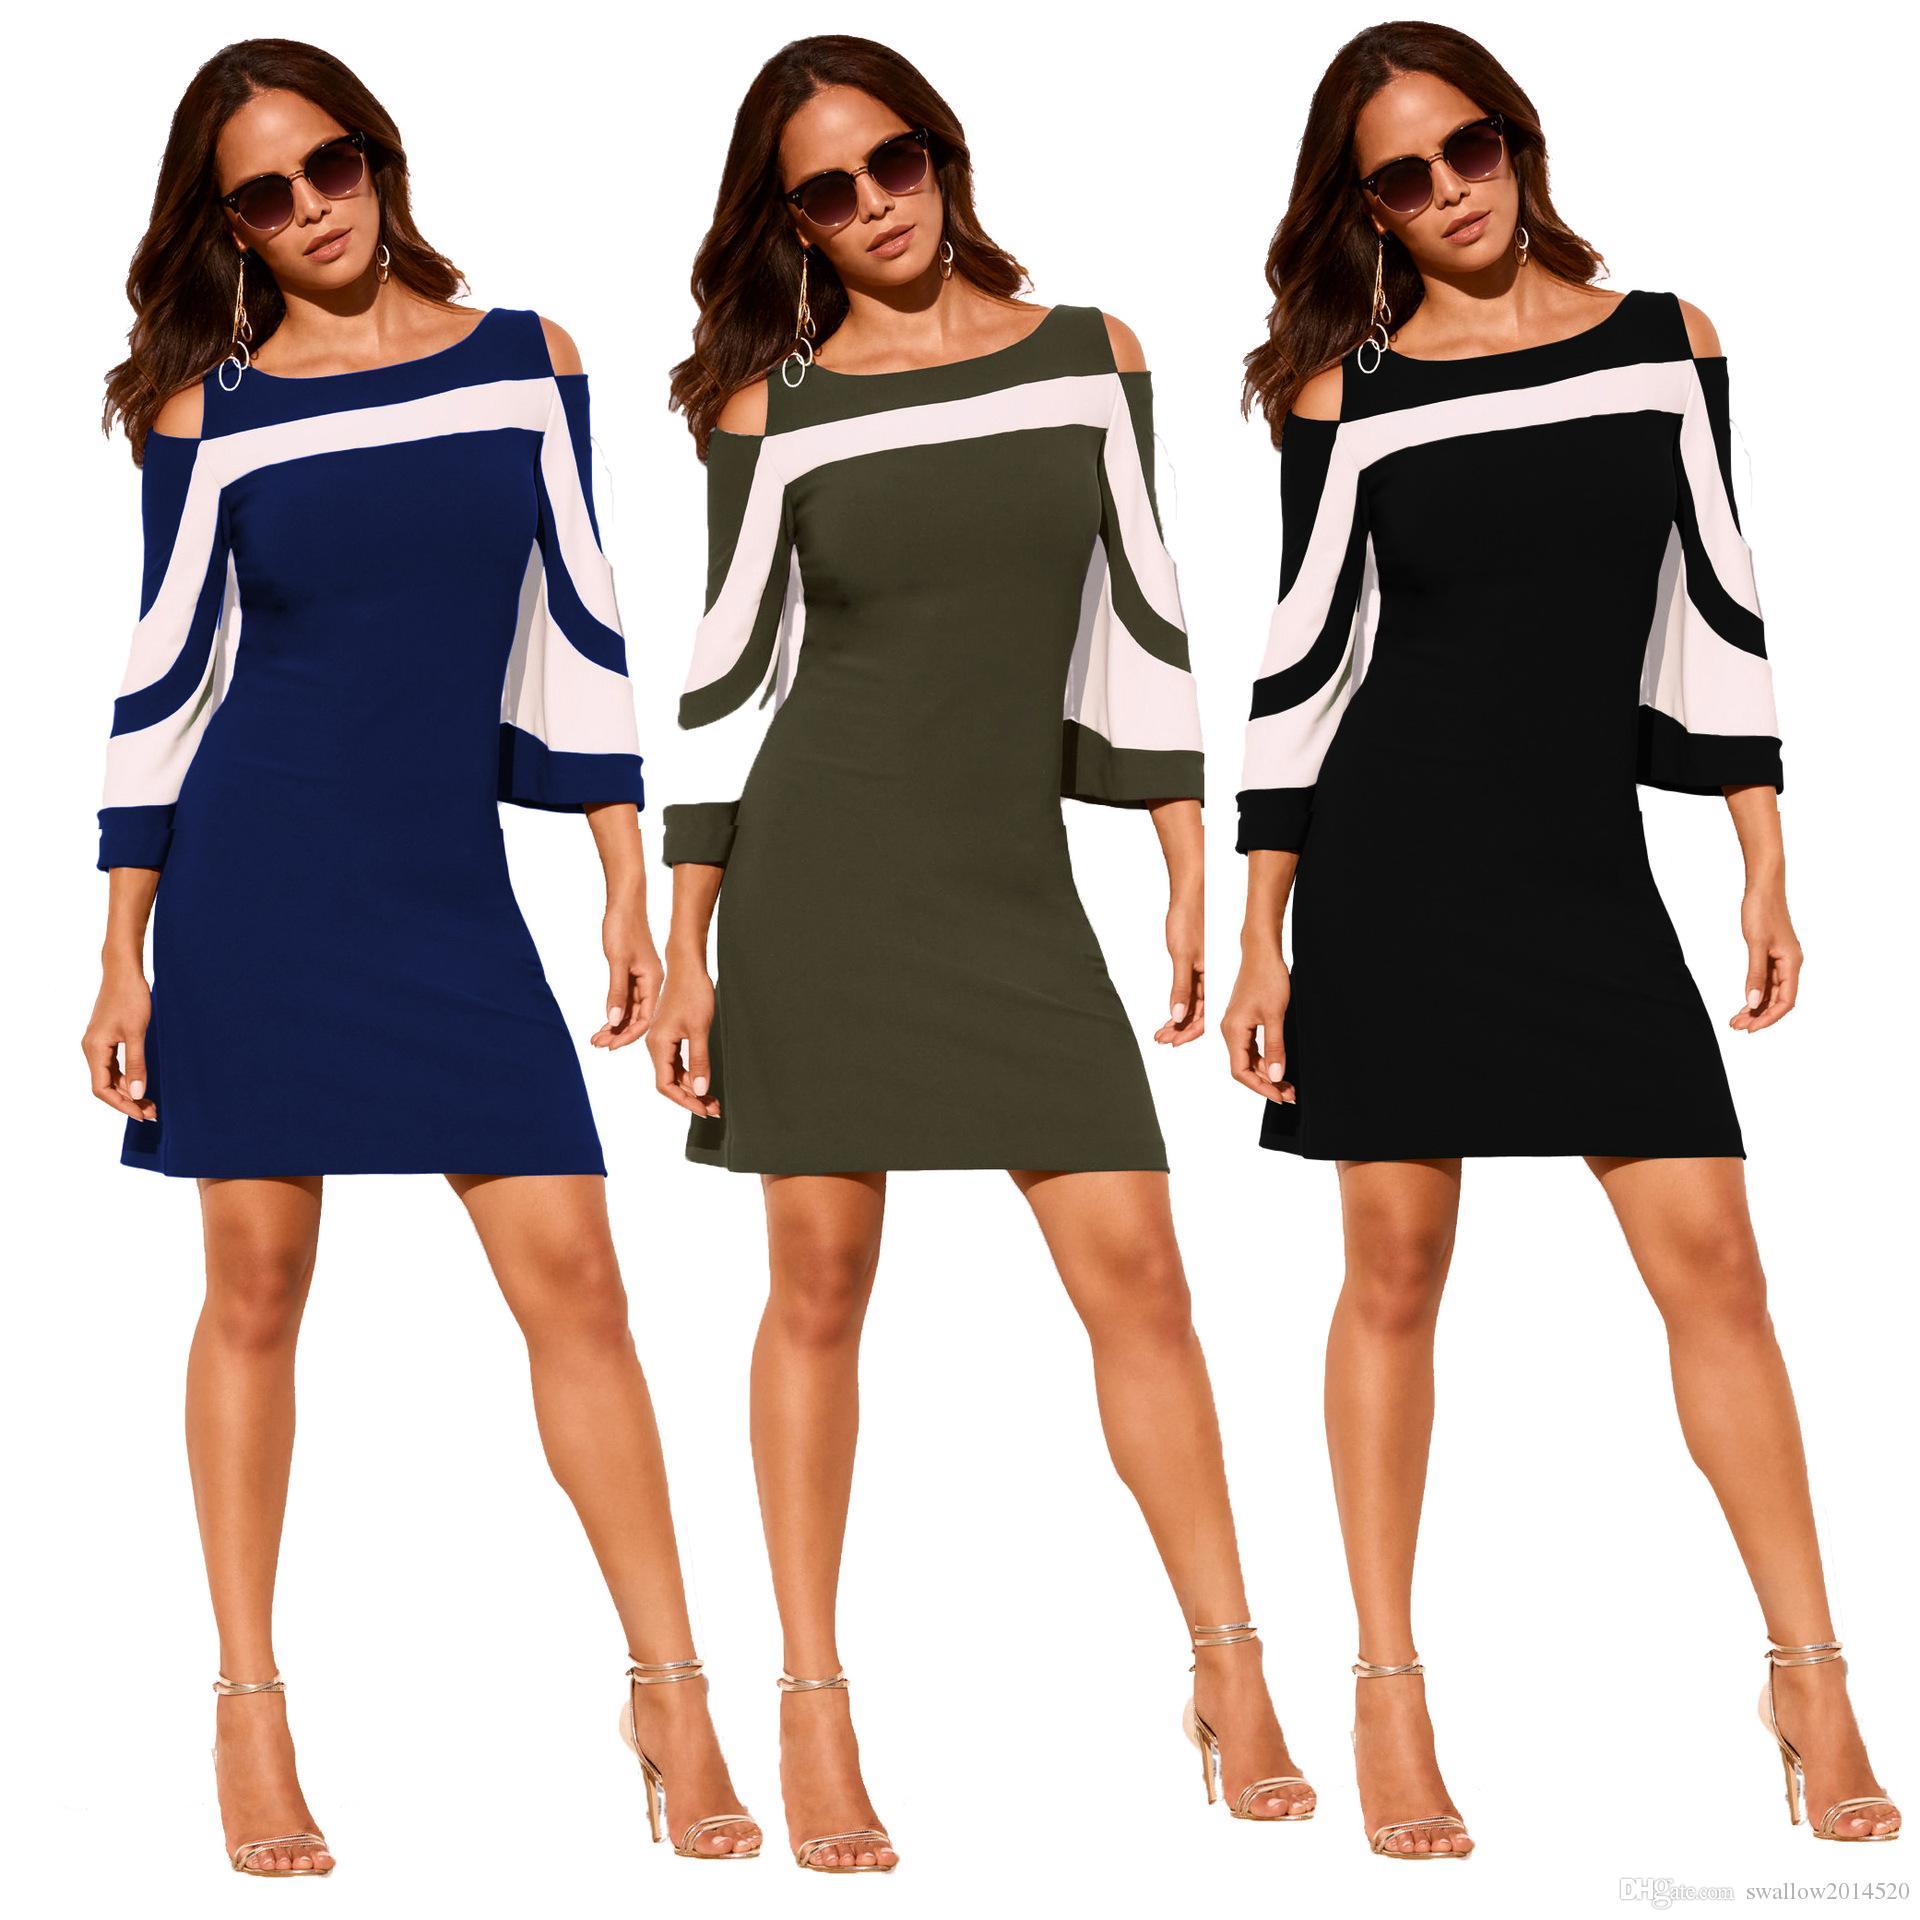 großhandel büro damen arbeitskleidung kleider elegant schwarz weiß  colorblock 3/4 Ärmel kleid casual 2018 frühling vestidos von  swallow2014520, 11,88